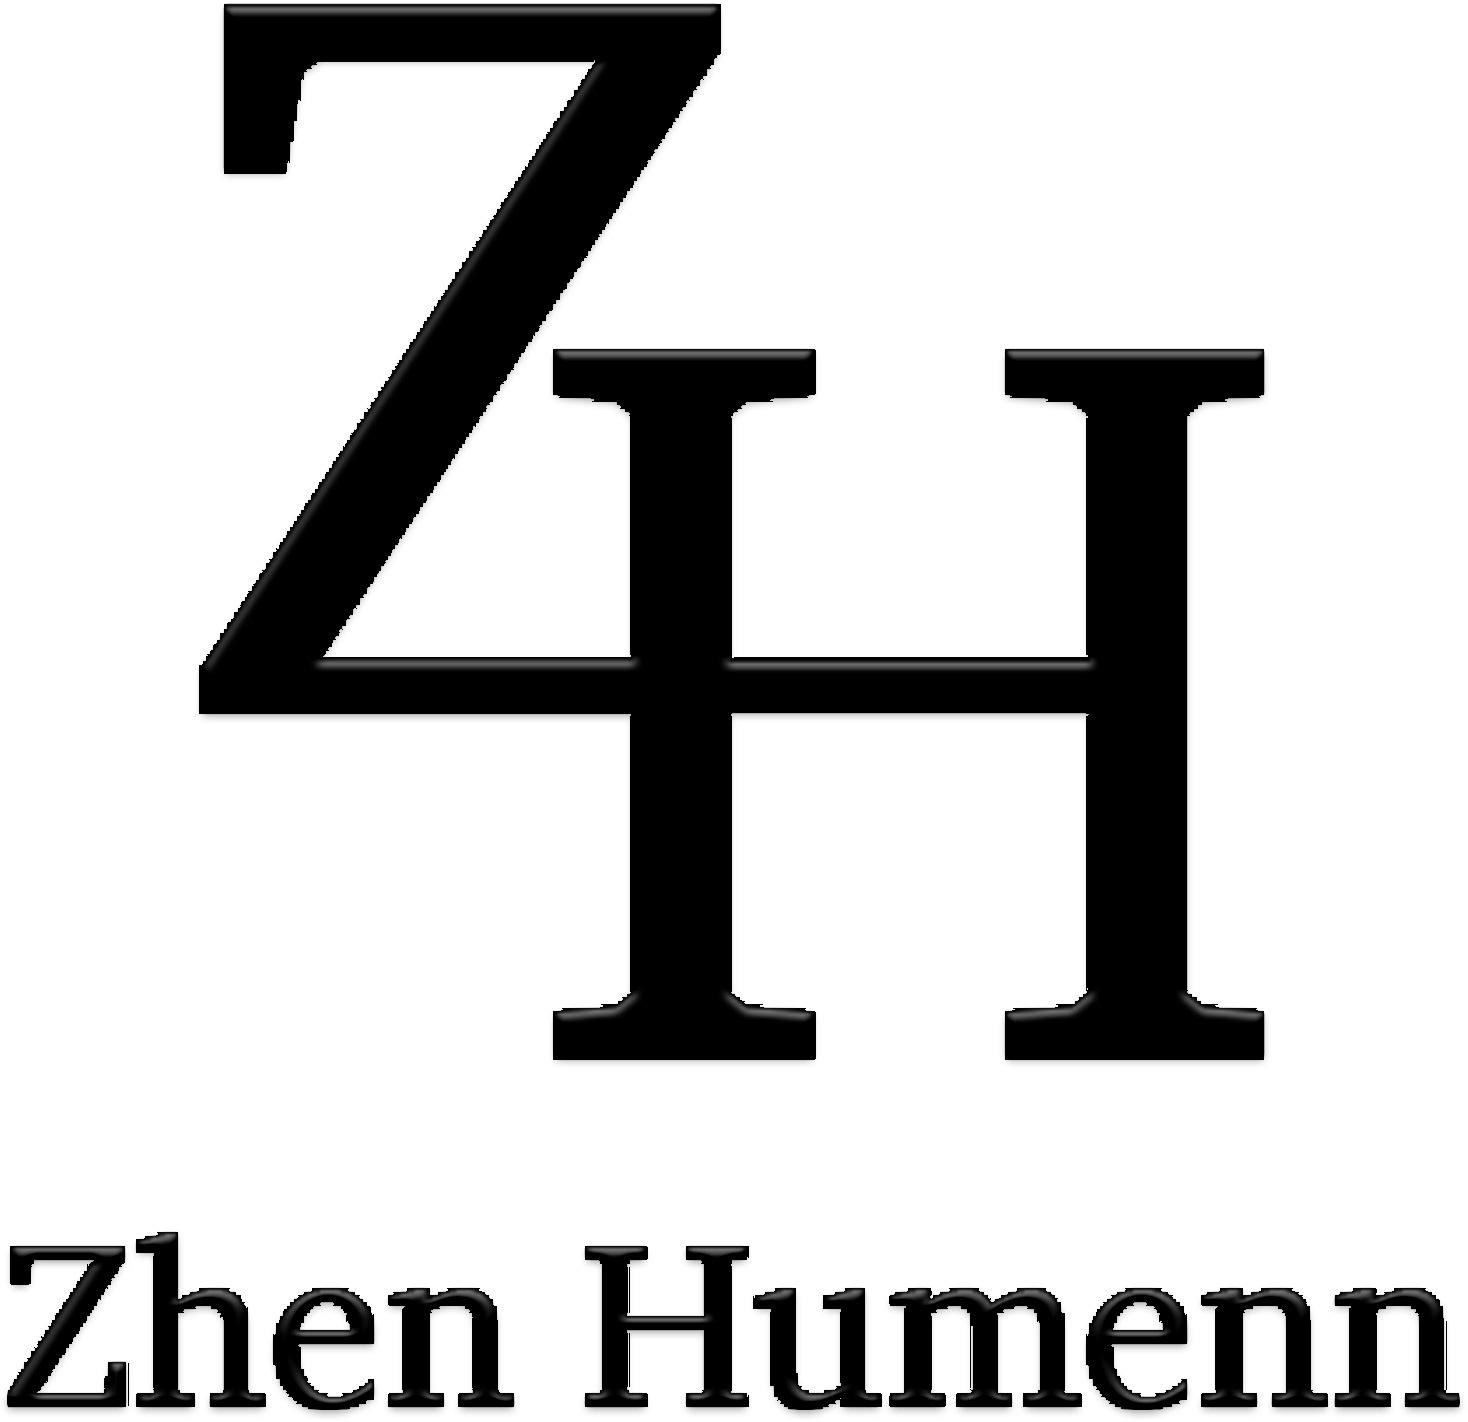 Zhen Humenn